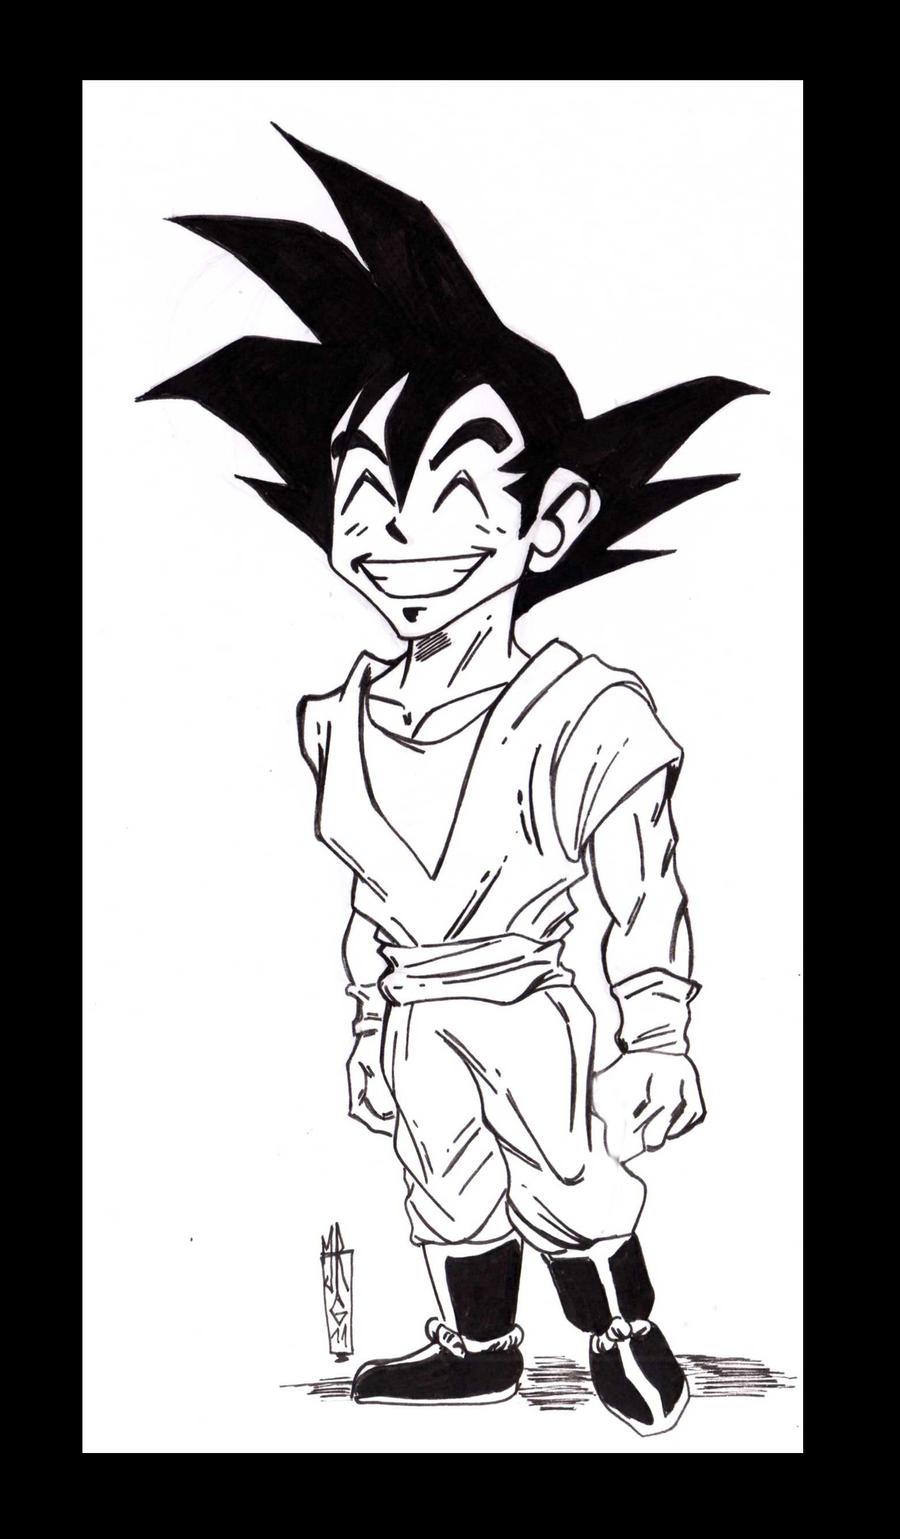 Goku by jacksony22